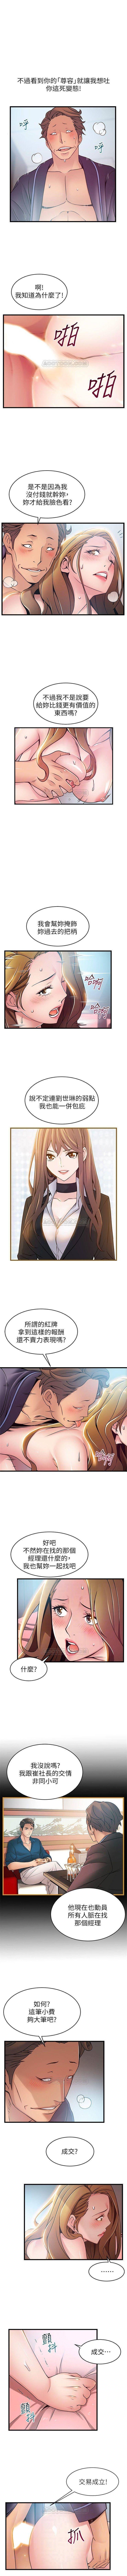 弱点 1-64 中文翻译(更新中) 360